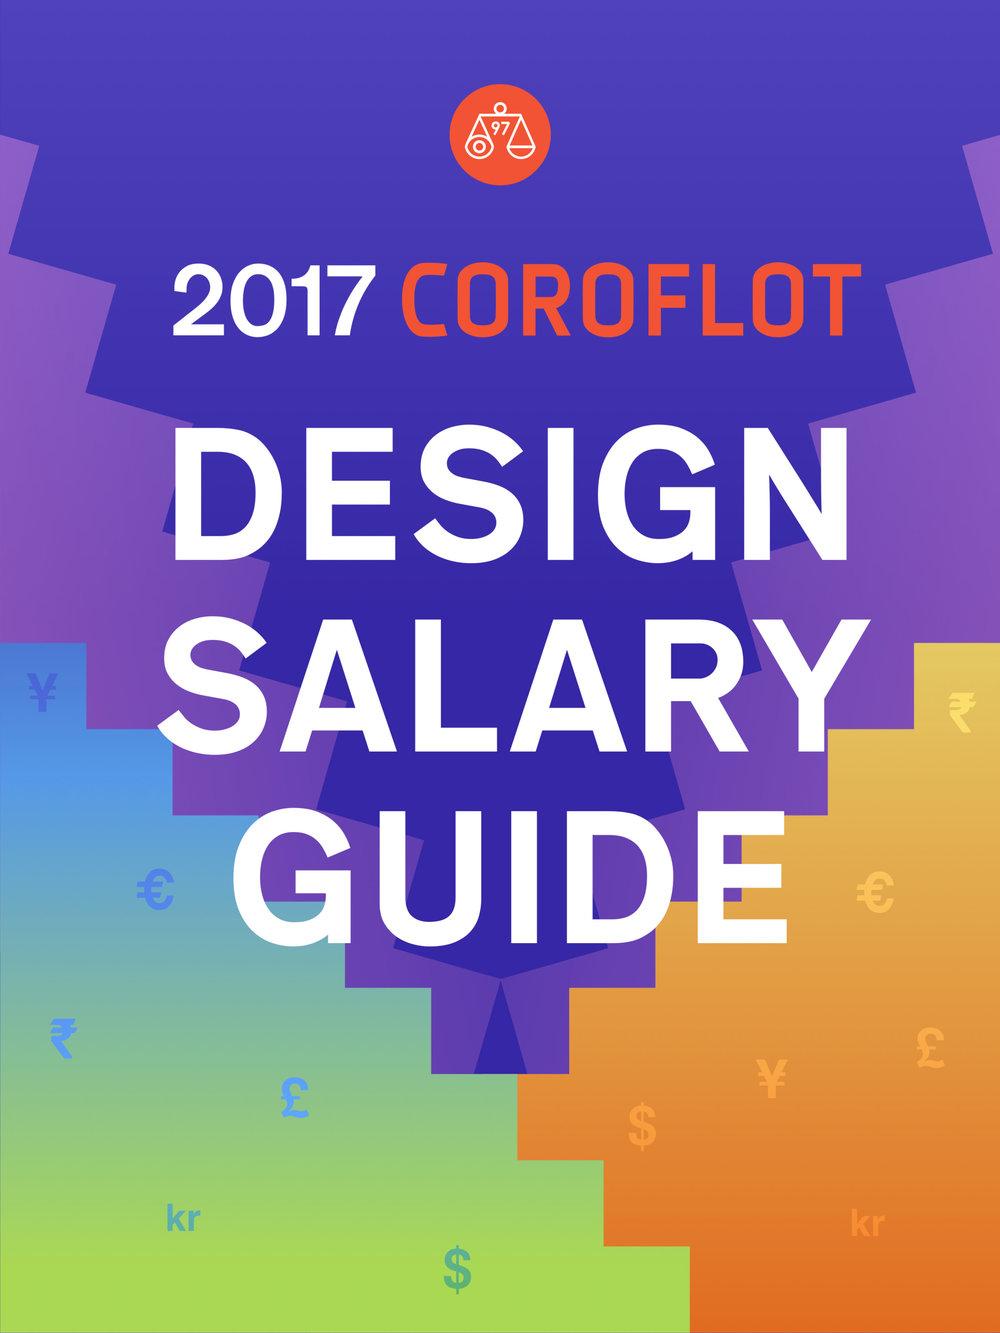 2017 Coroflot Design Salary Guide (1)-1.jpg